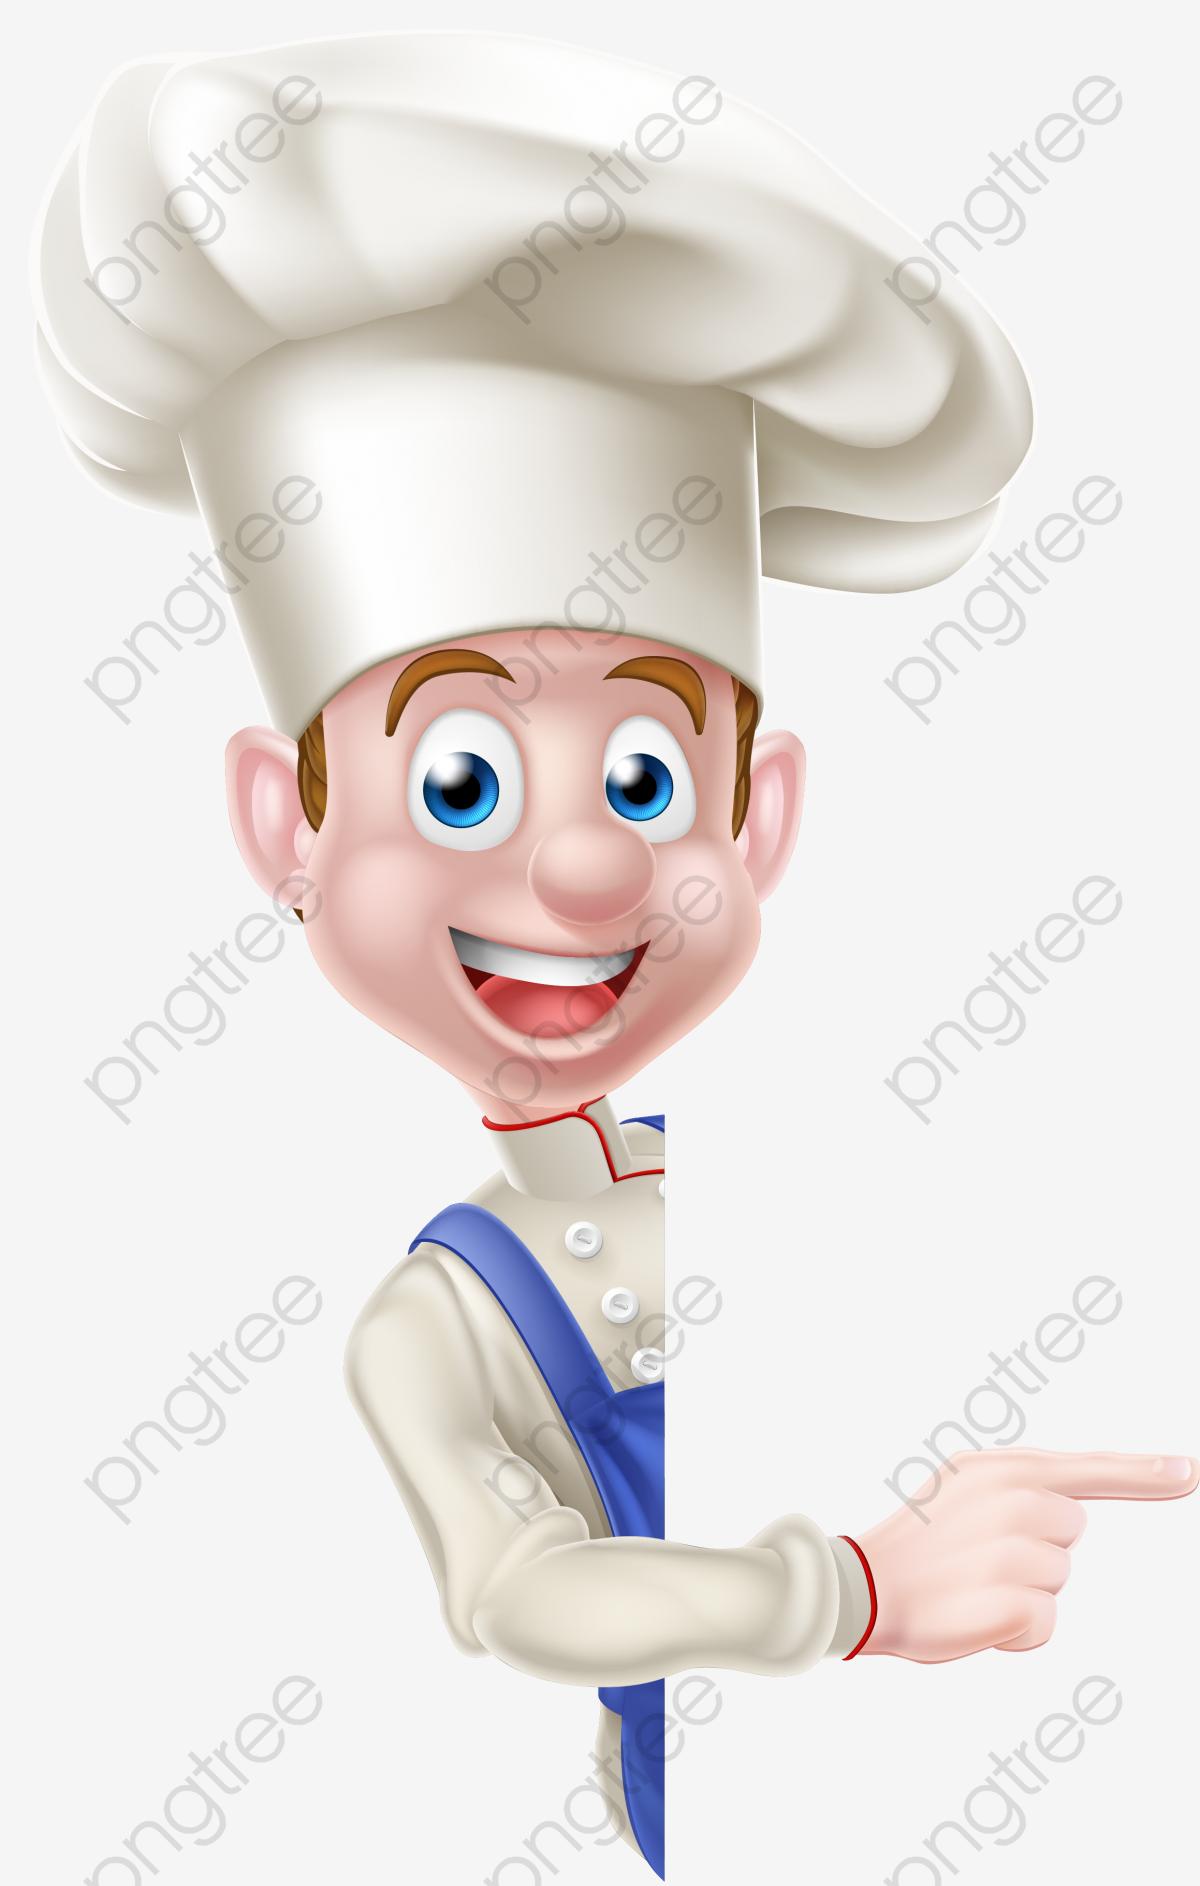 Texto E Imagem De Fundo Comida Deliciosa Cartoon Chef Grafico De Vetor Png E Vetor Para Download Gratuito Vetores Png Design Criativo Imagens De Fundo